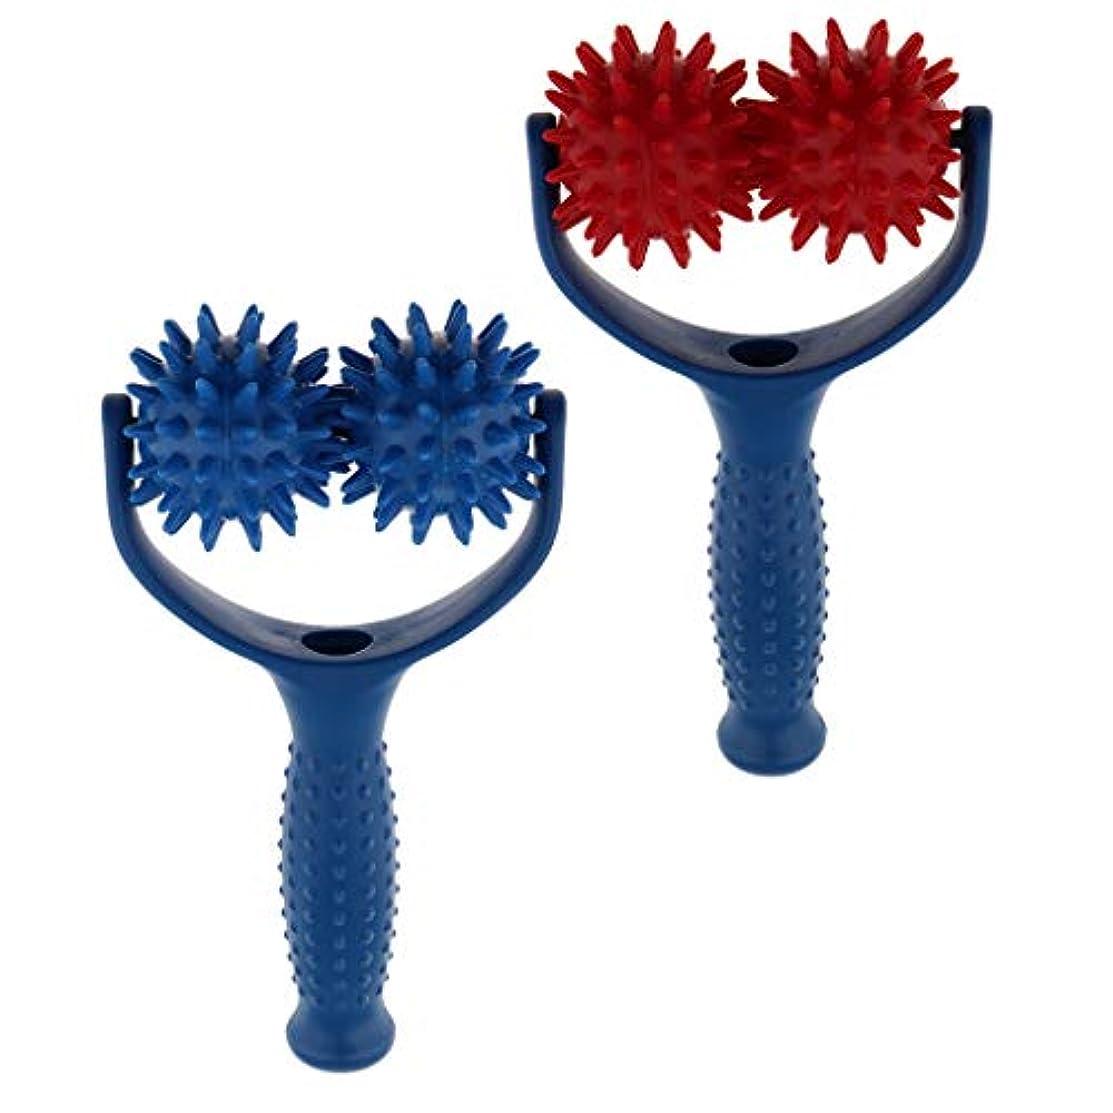 Sharplace マッサージボール ローラー ハンドヘルド 筋膜 トリガーポイント 筋肉痛を改善 疲れ解消 実用 2個